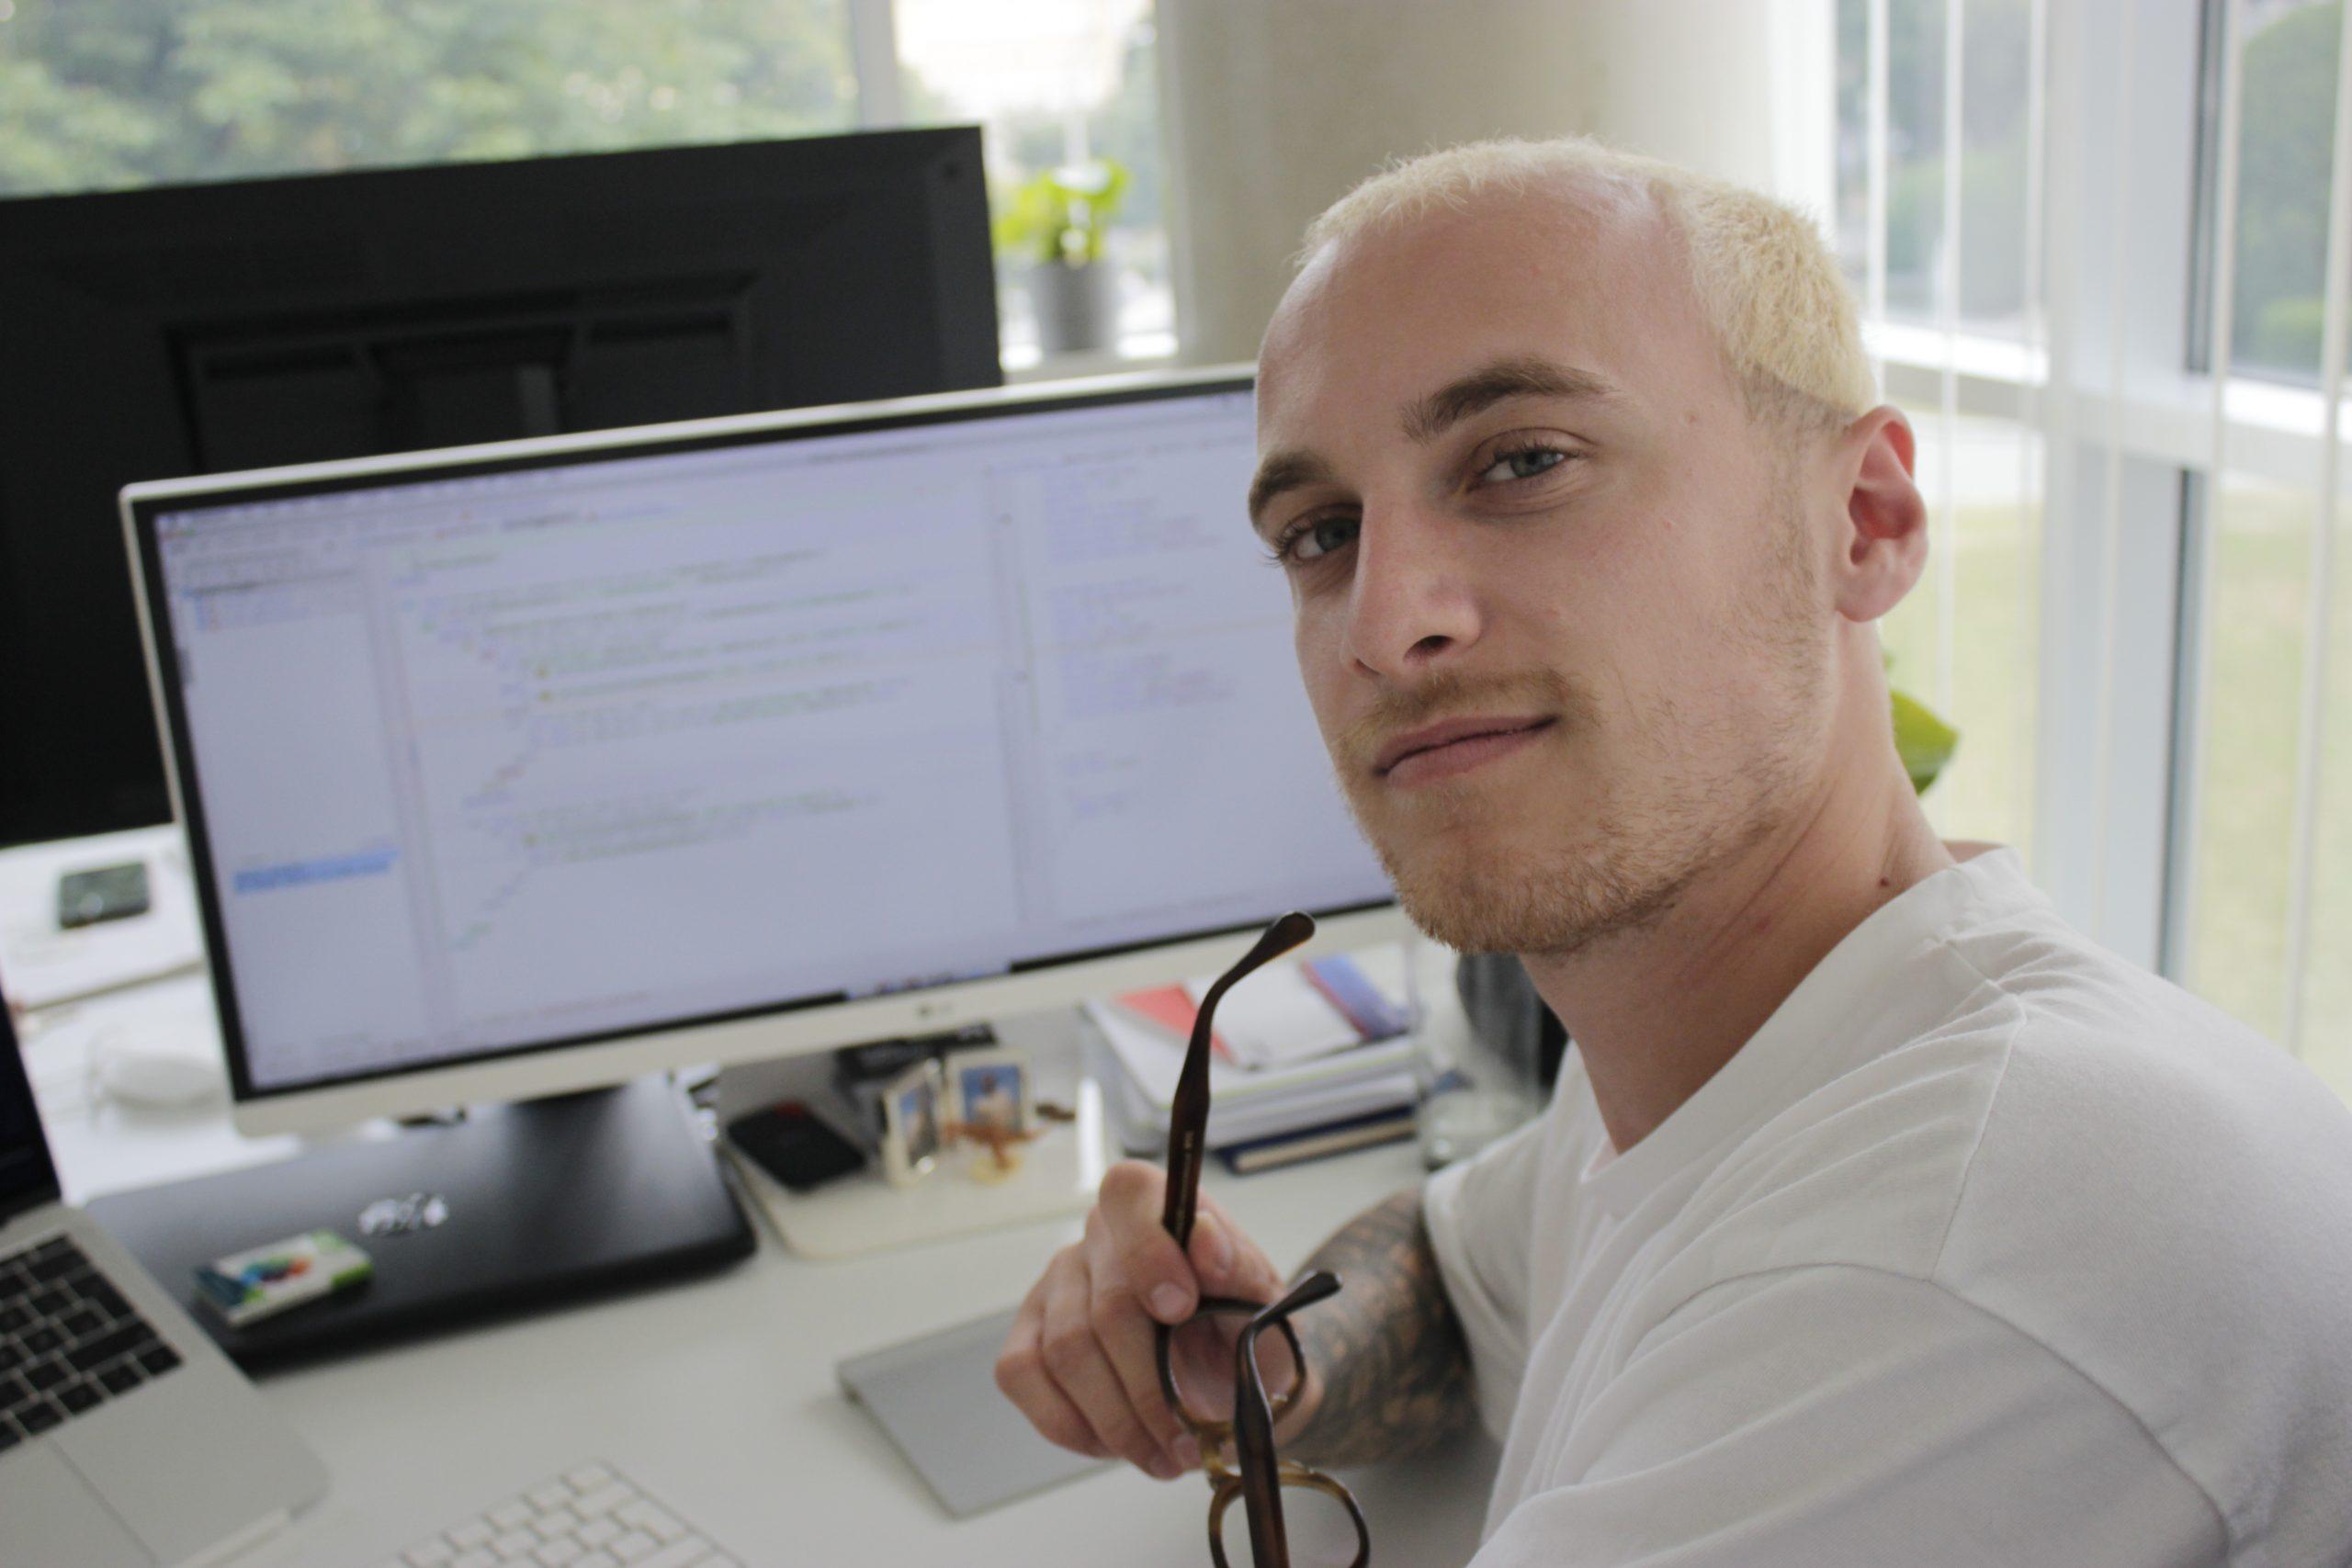 Ingo. Der Webdeveloper mit Vorliebe für Haarexperimente